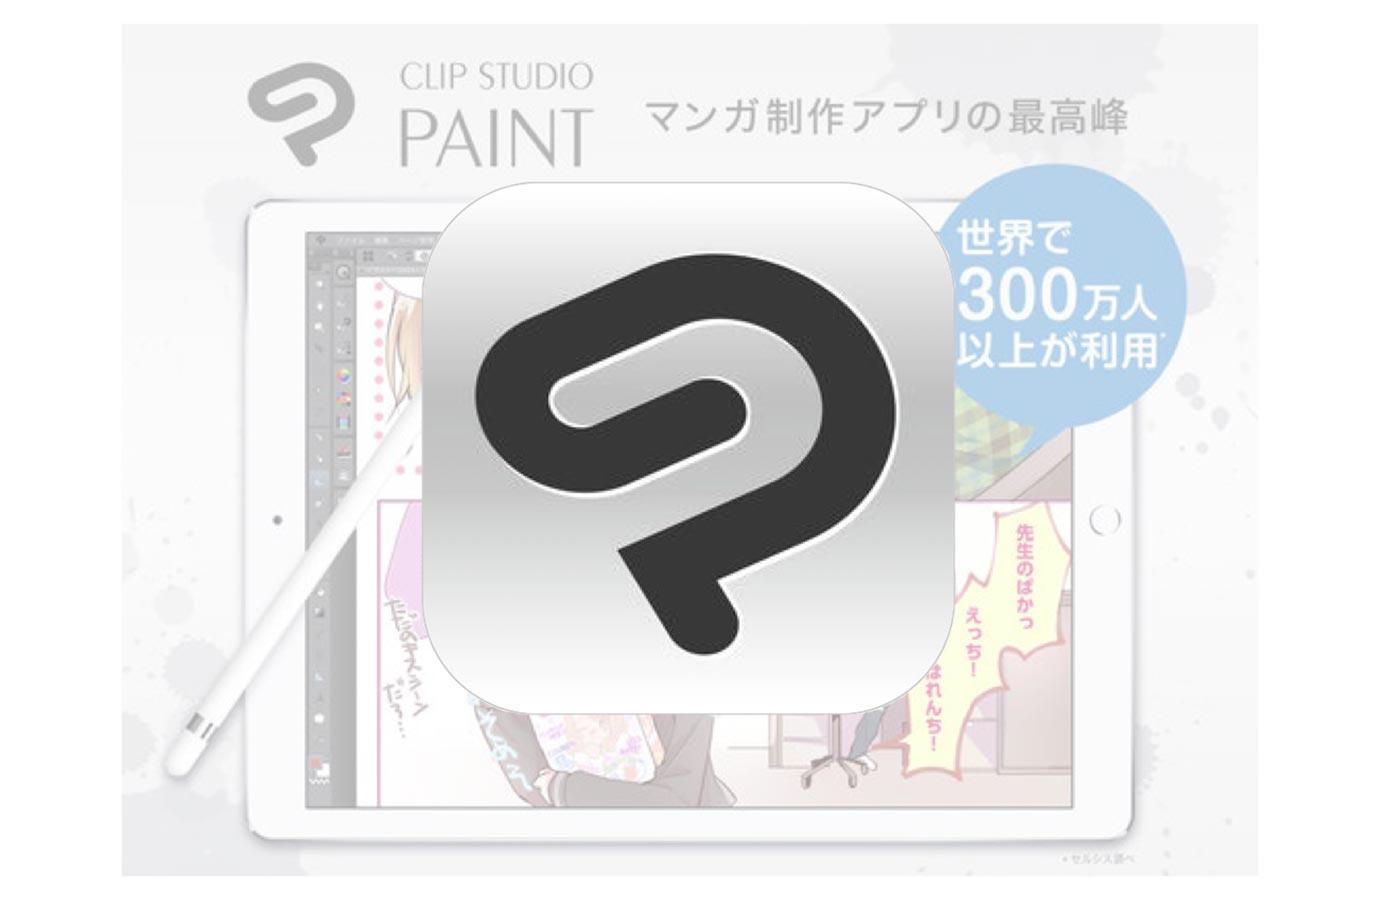 セシルス、iPad用イラスト・マンガ制作アプリ「CLIP STUDIO PAINT EX」リリース